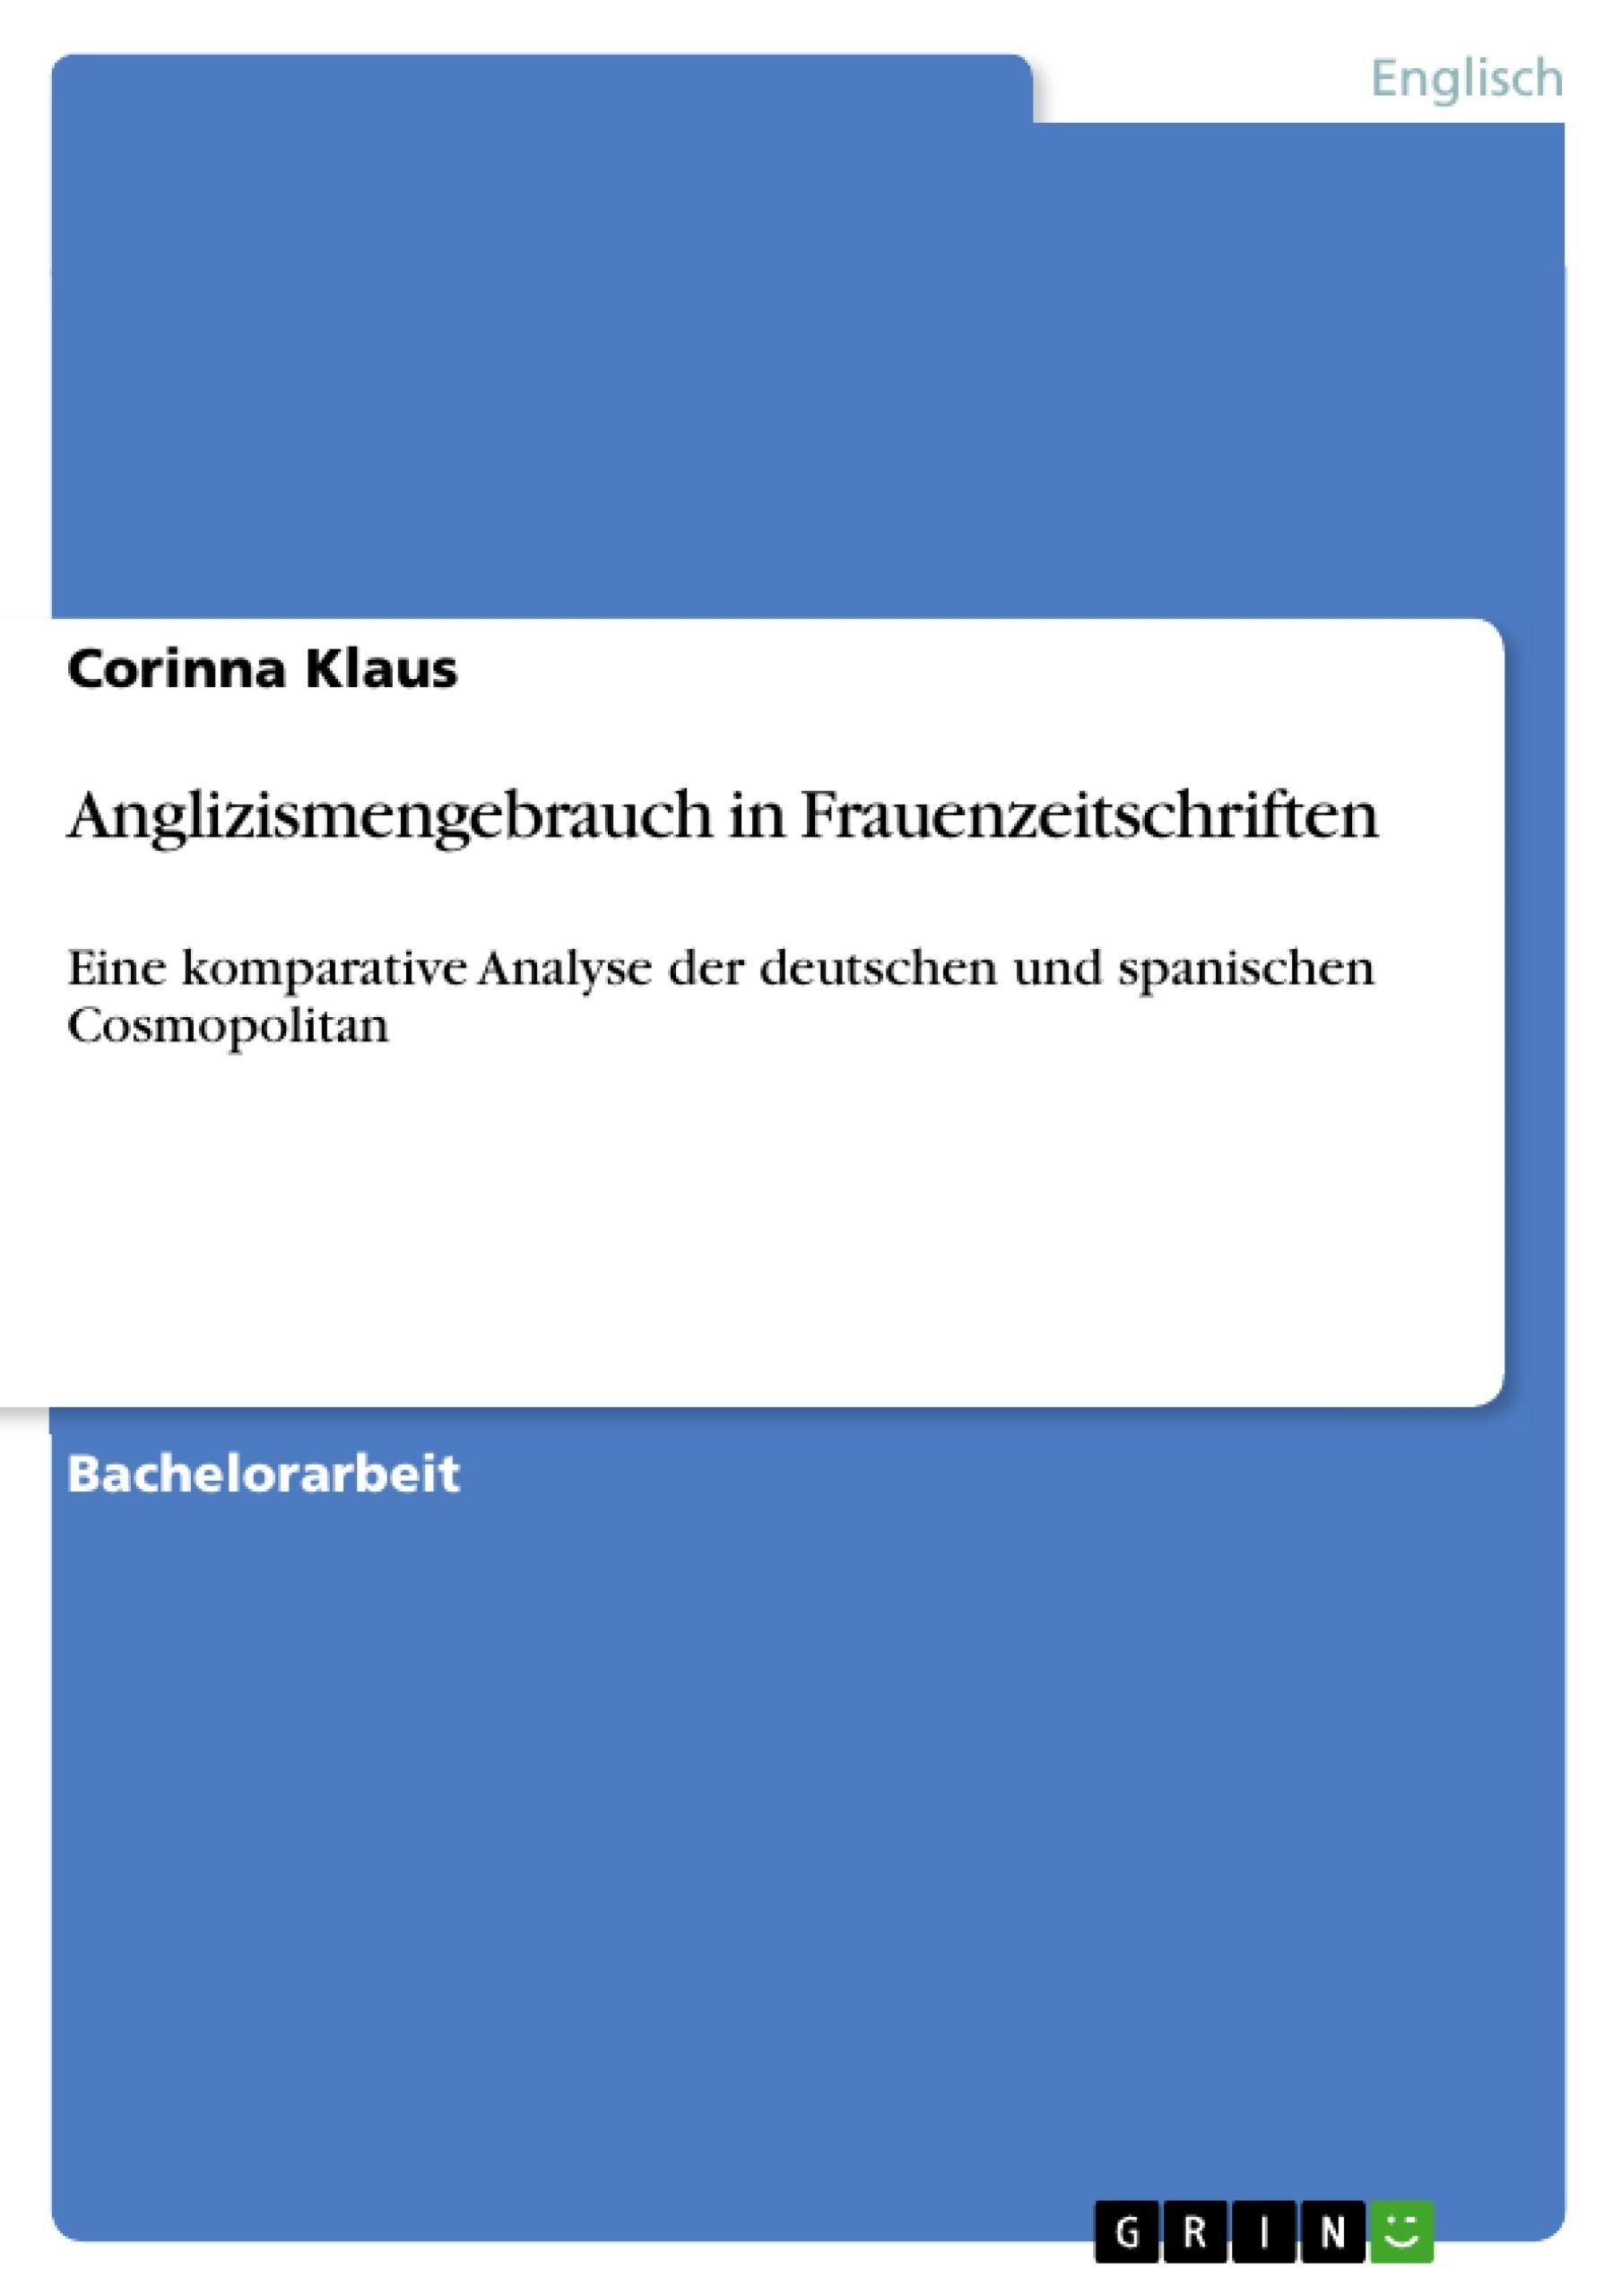 Anglizismengebrauch in Frauenzeitschriften | Masterarbeit ...